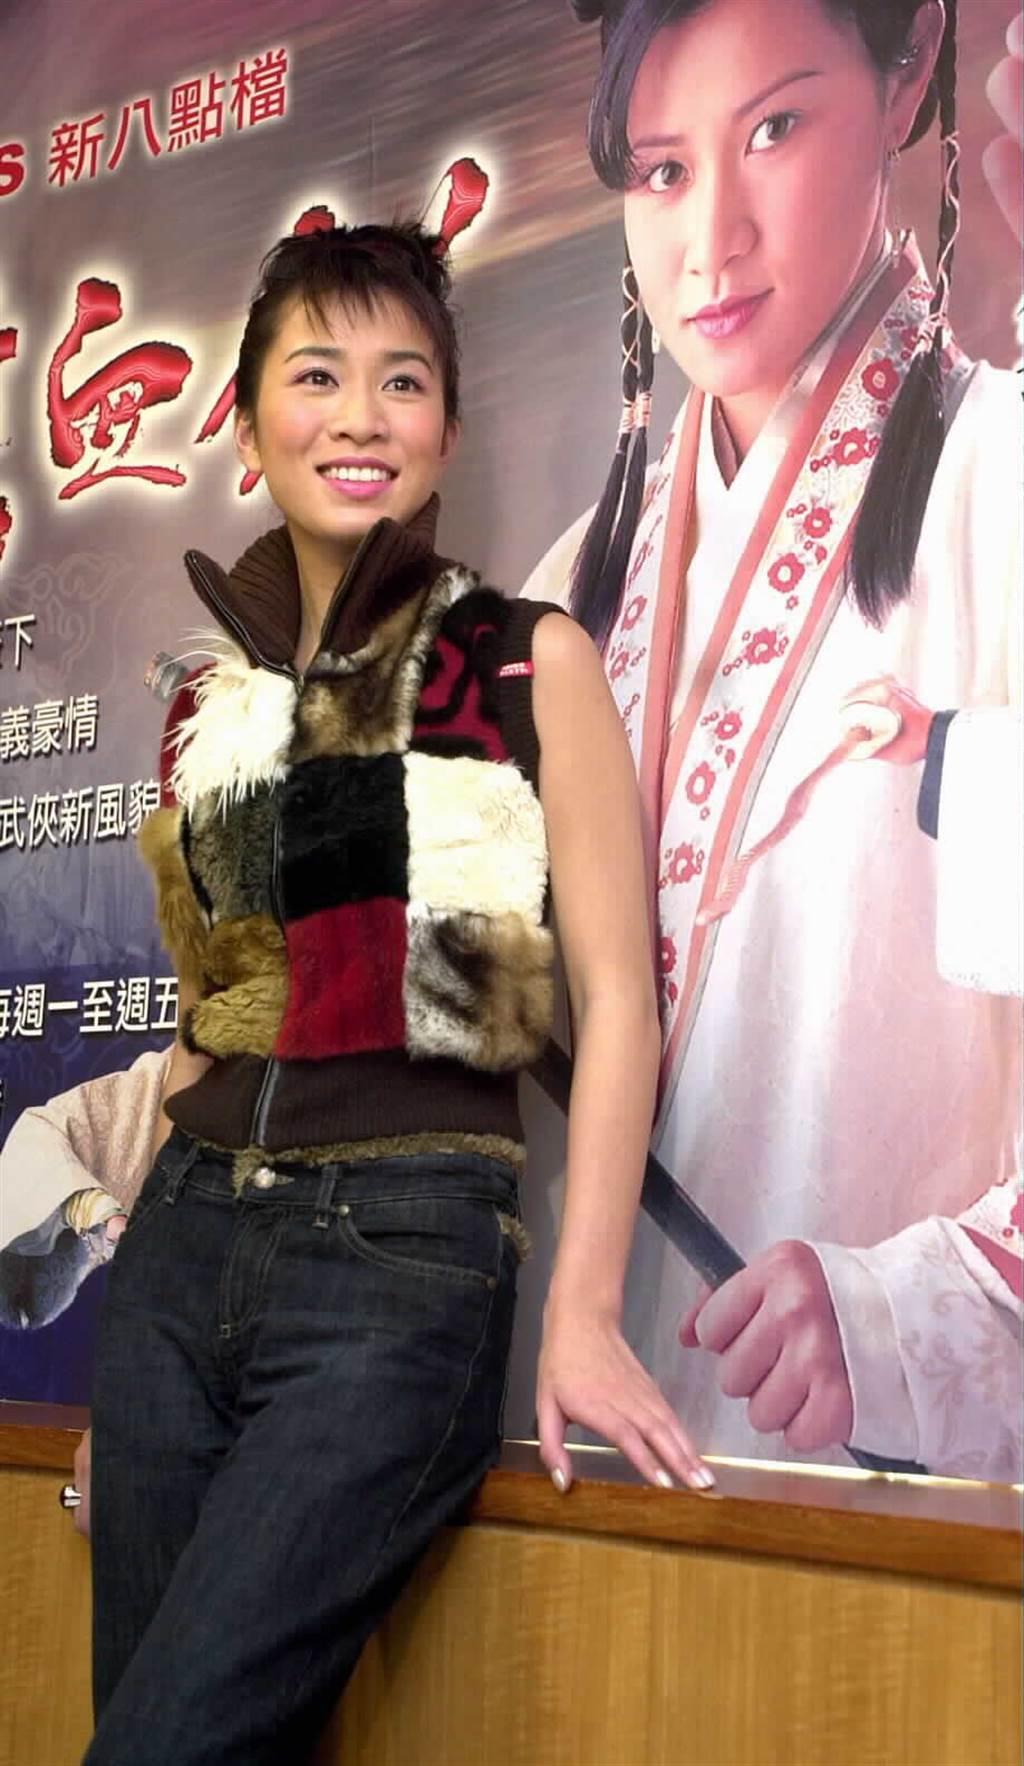 貴為戲劇一姐的佘詩曼,2001年來台宣傳新戲。(圖/本報系資料照片)